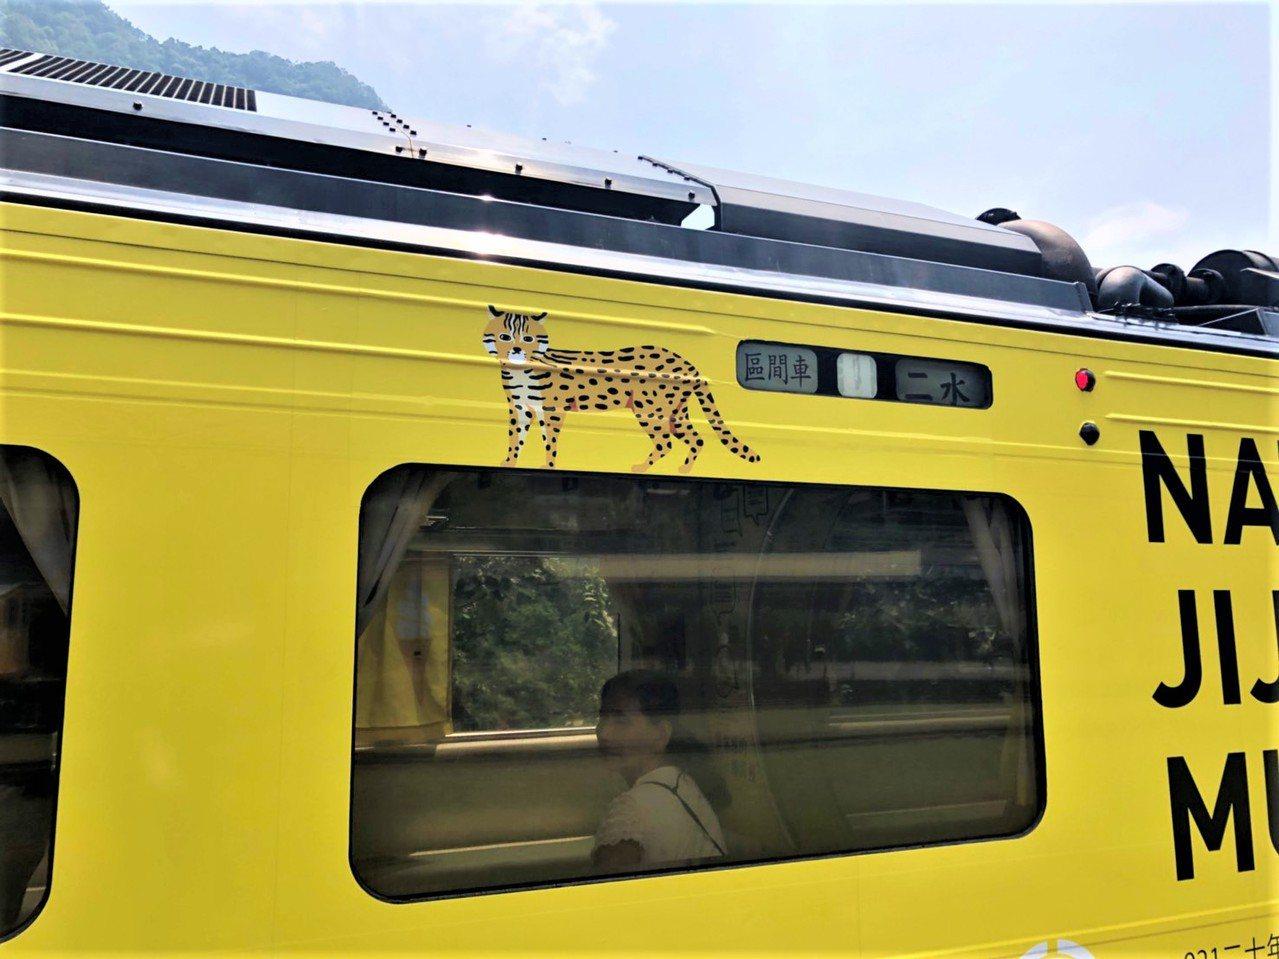 集集線金黃列車台版新意象,由江孟芝操刀更改設計,仍以集集特產山蕉作為視覺主色,融...